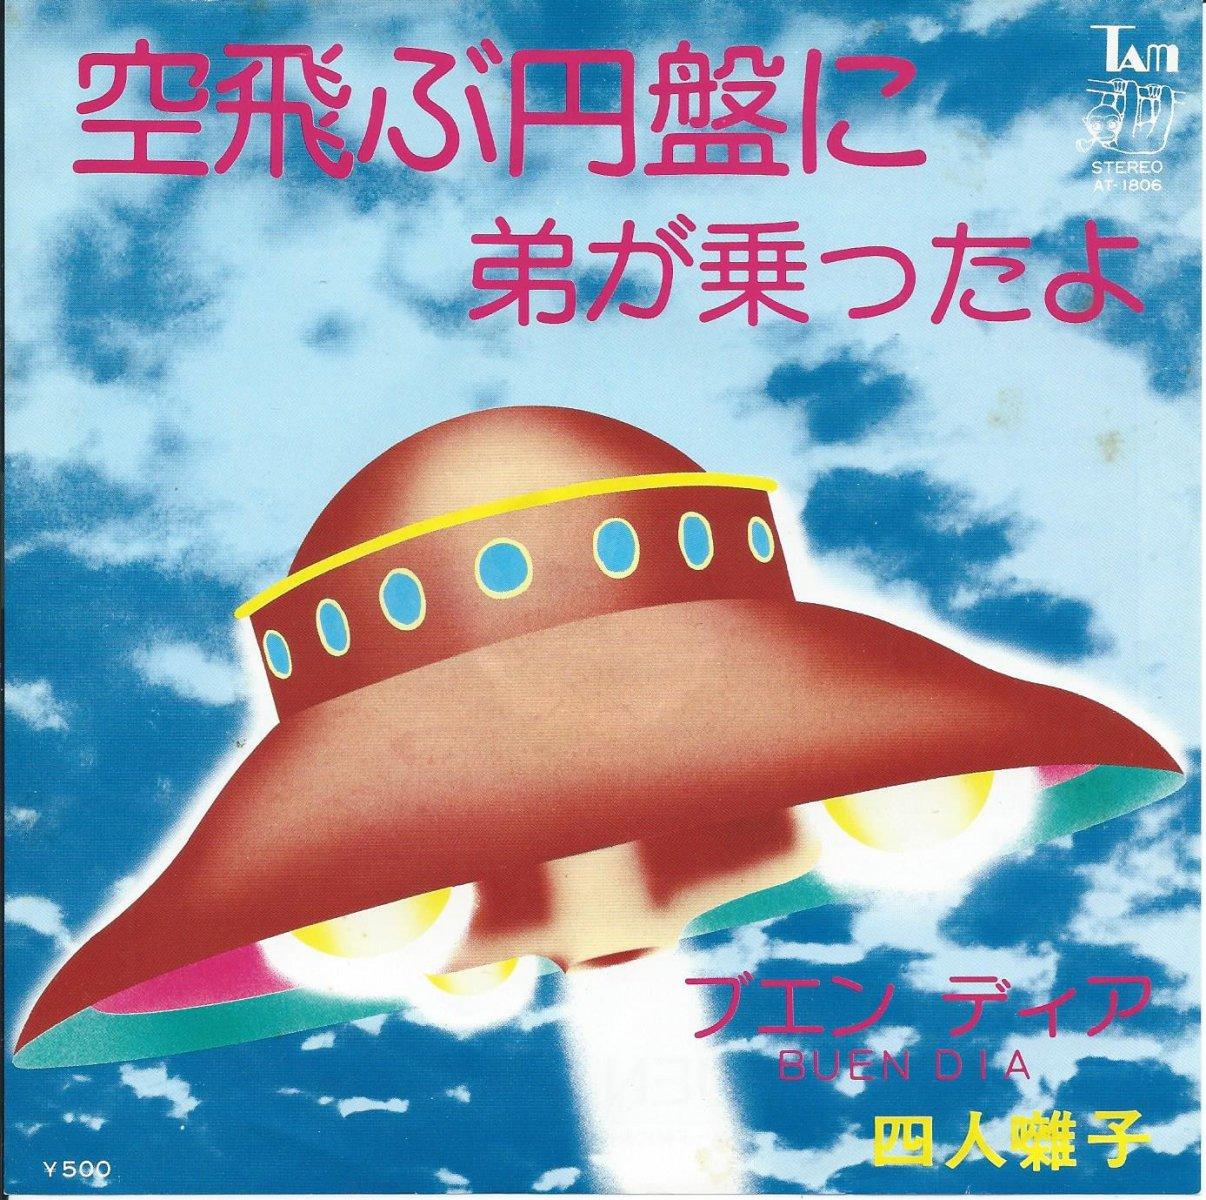 四人囃子 YONIN BAYASHI / 空飛ぶ円盤に弟が乗ったよ (7